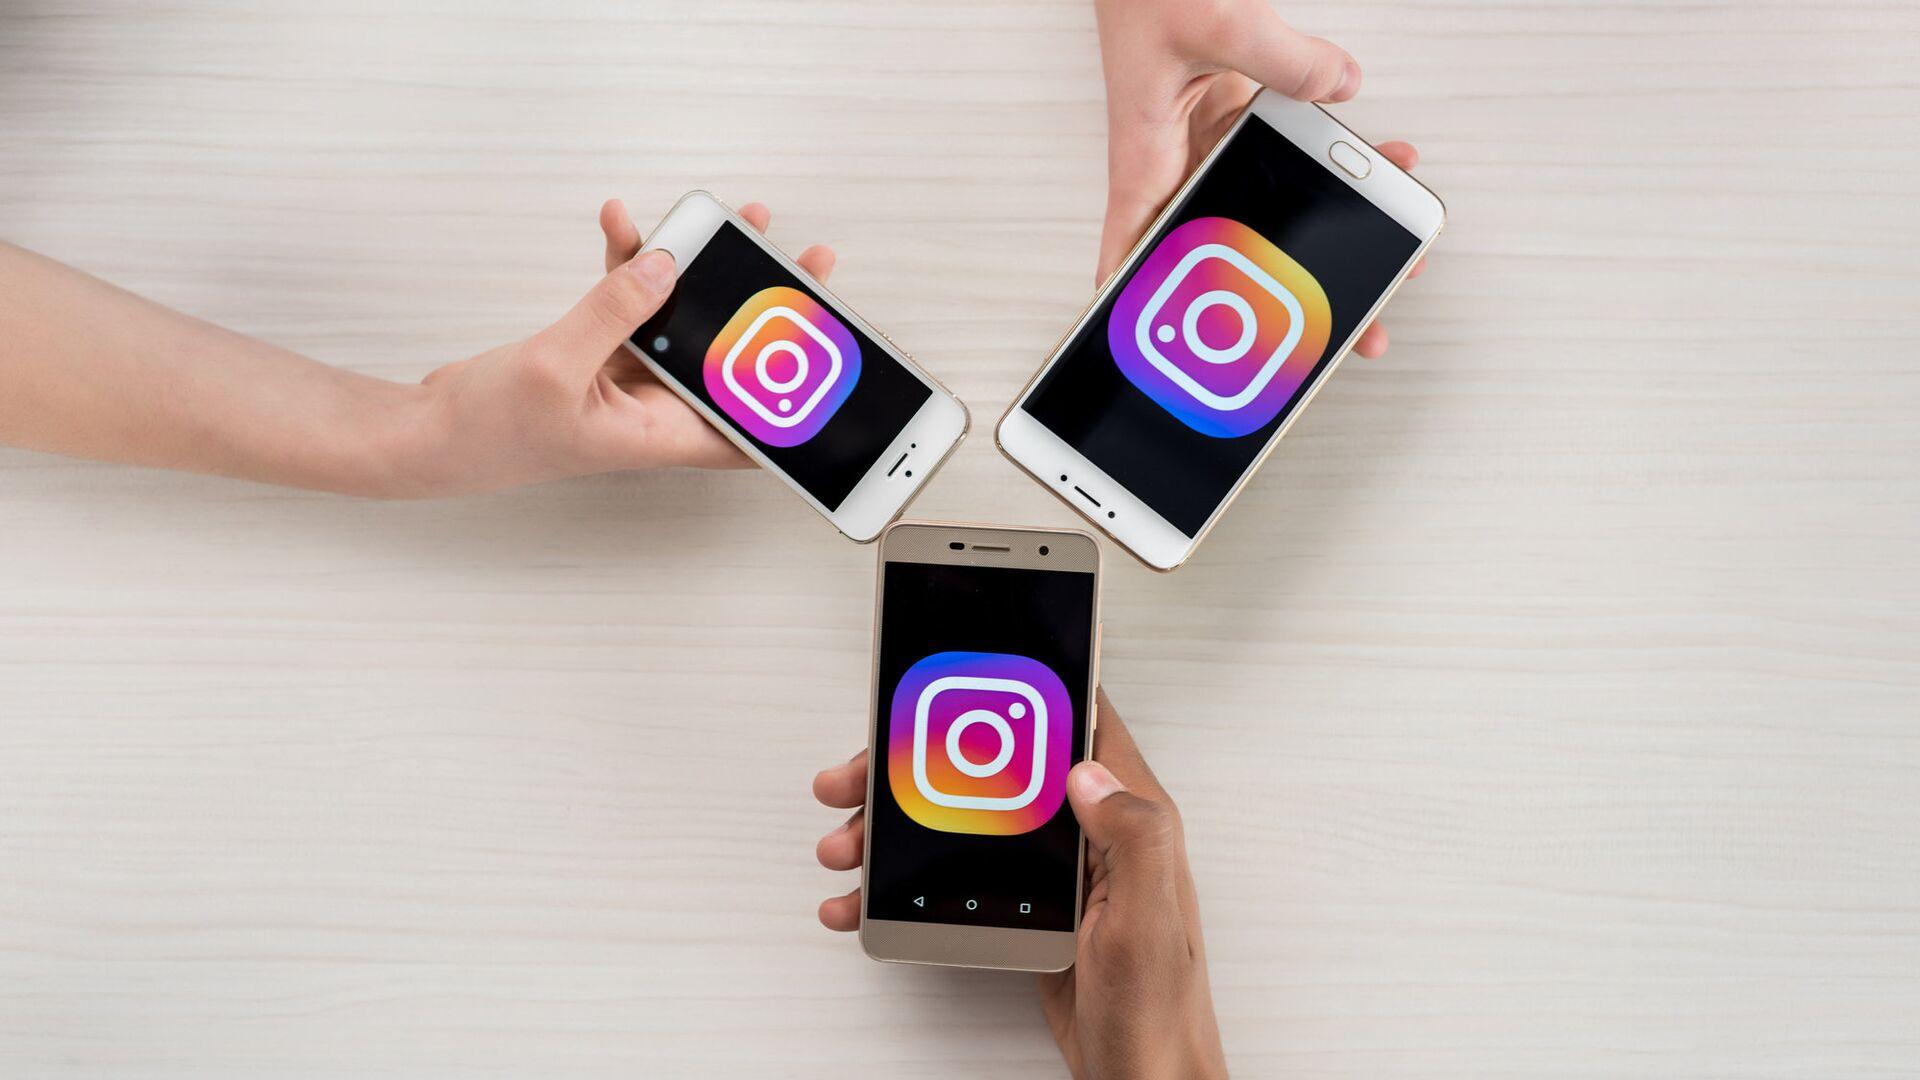 Телефоны с логотипами приложения Instagram - РИА Новости, 1920, 14.12.2020